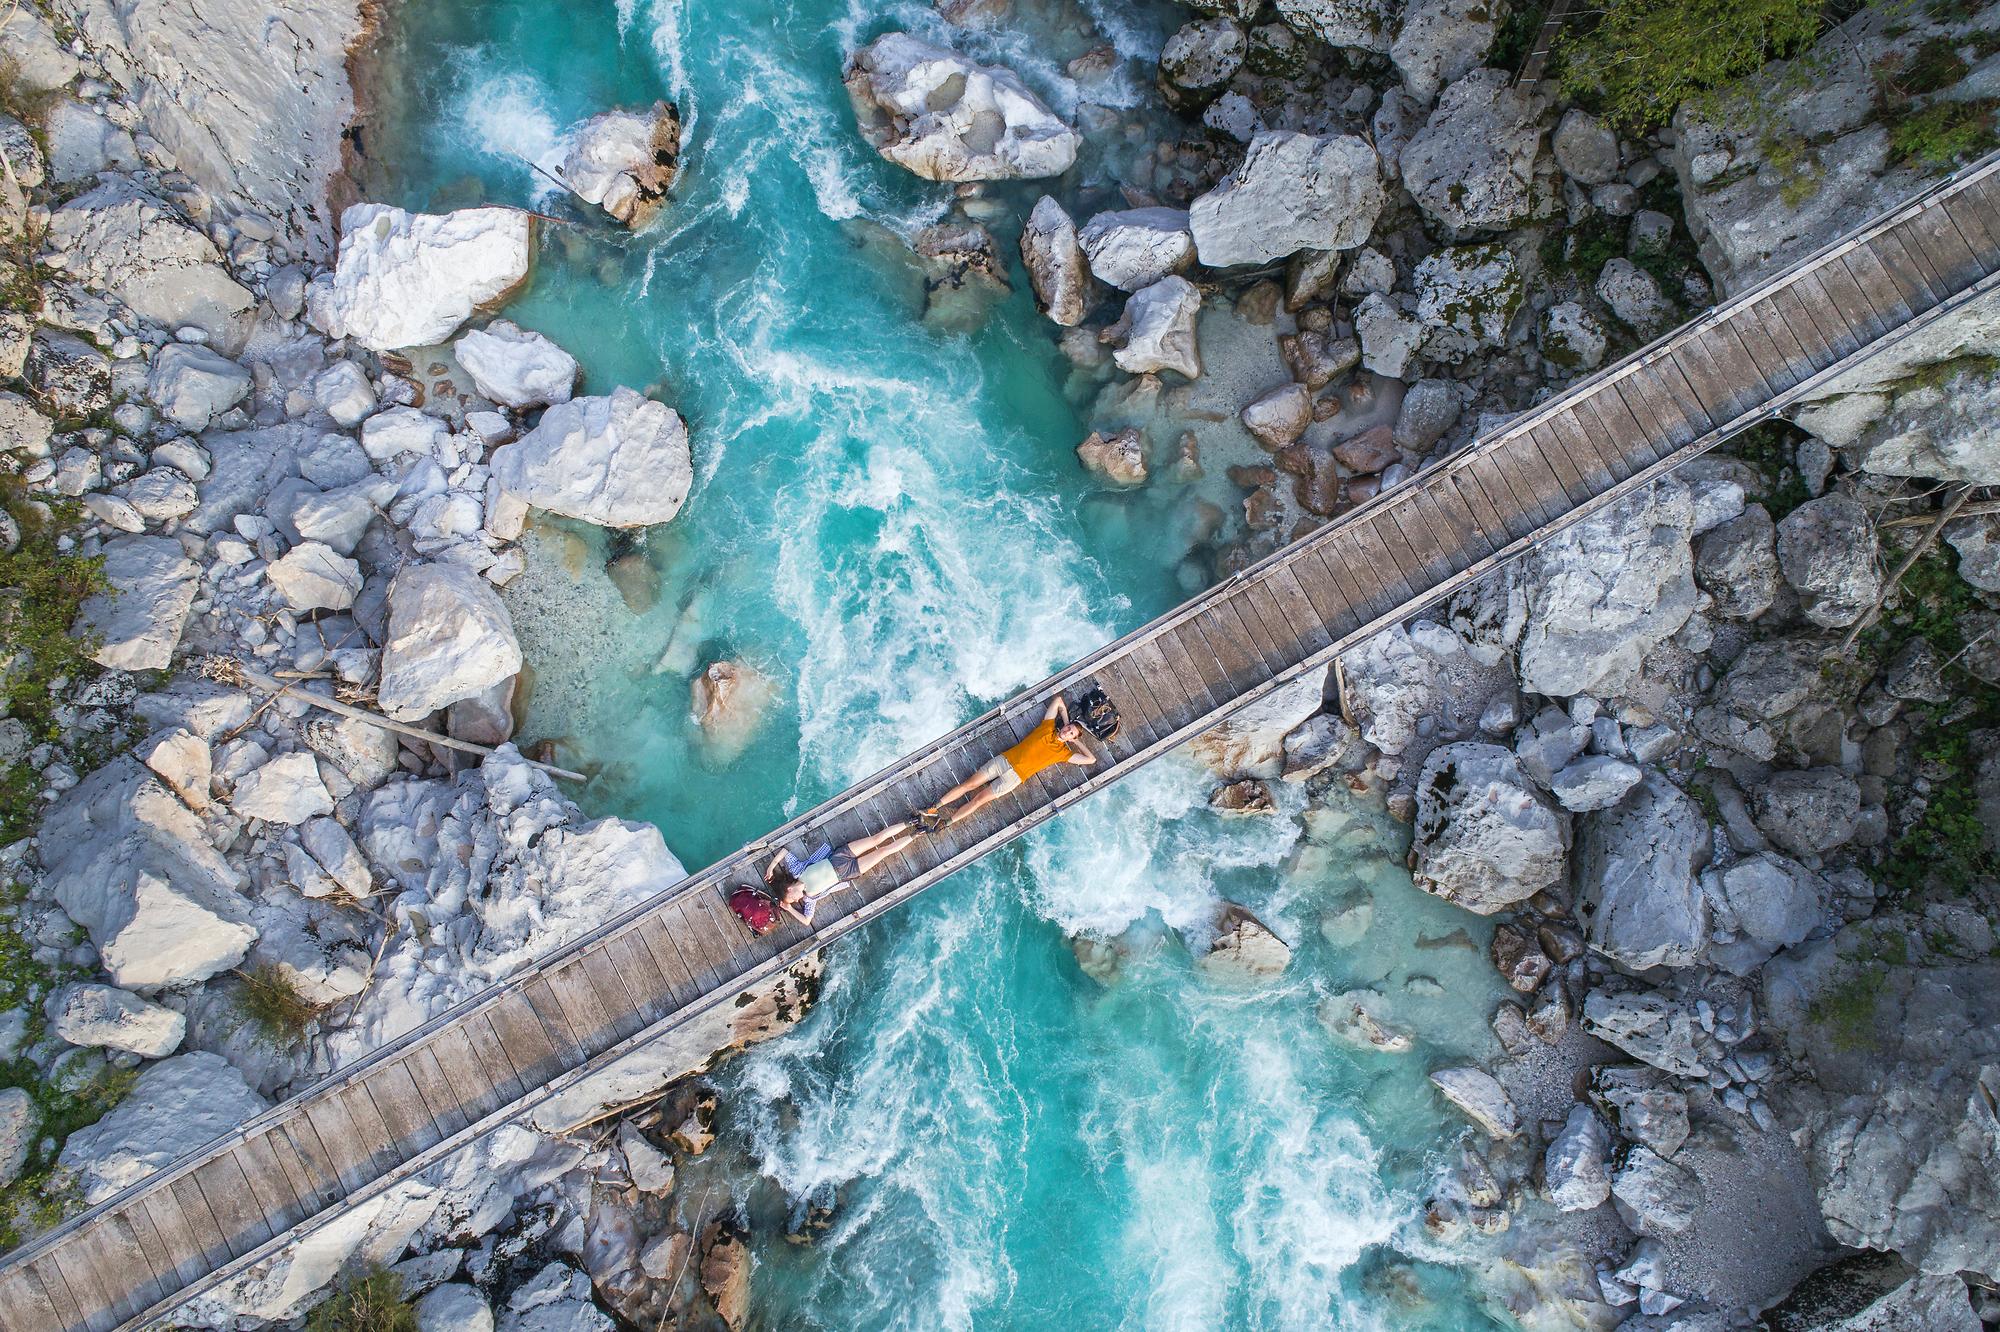 Σλοβενία: Ένα μυστικό αποκαλύπτεται Σμαραγδένιοι ποταμοί, κάστρα, πόλεις βουτηγμένες στο... αλάτι, αλπικές λίμνες, κοιλάδες, σπηλιές και αρχαία κρασιά. Η Σλοβενία είναι η μεγάλη έκπληξη της Ευρώπης.